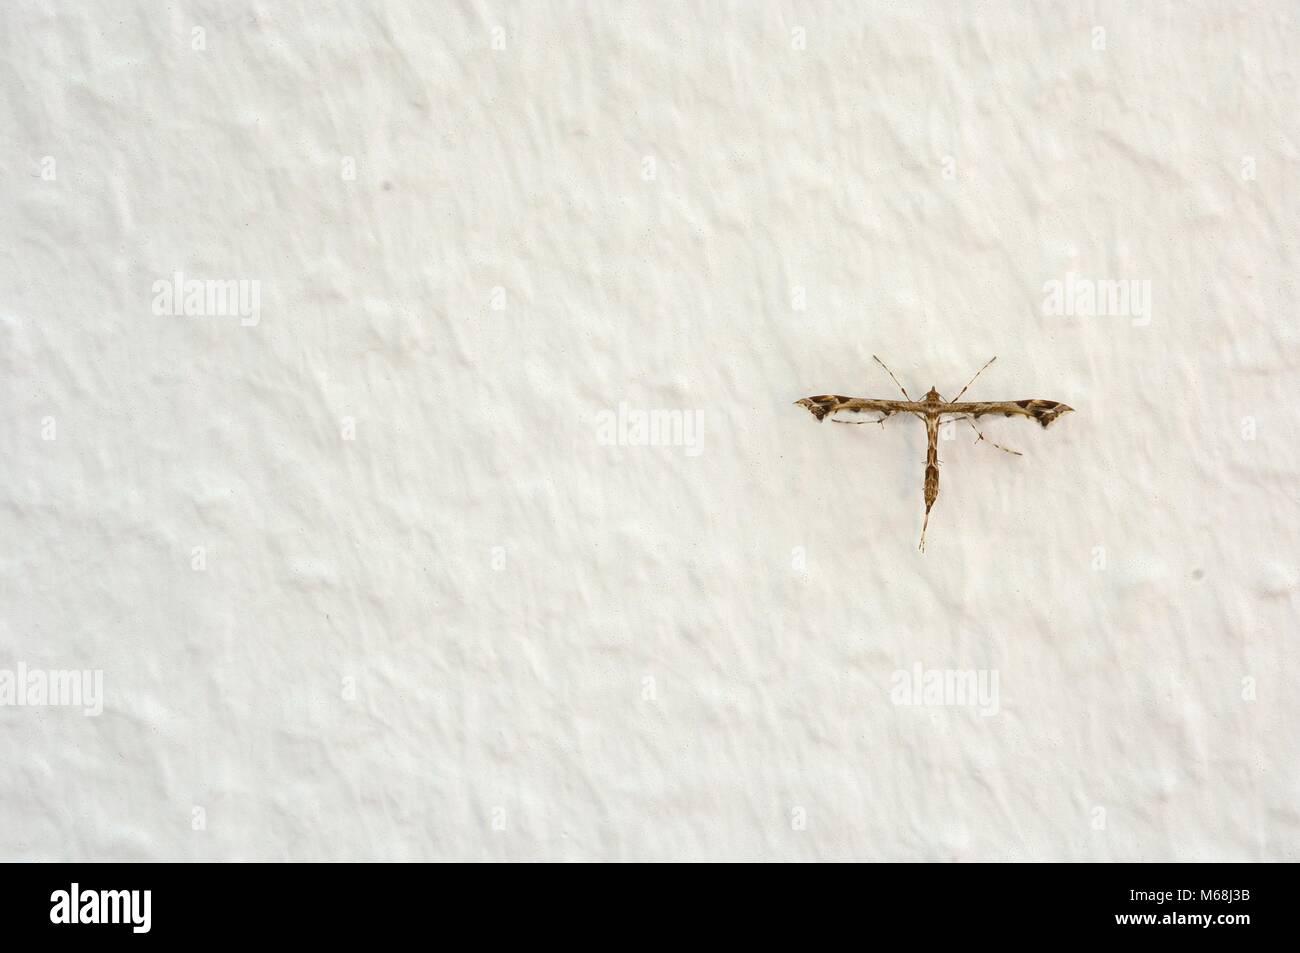 Insekt an einer Mauer - Stock Image